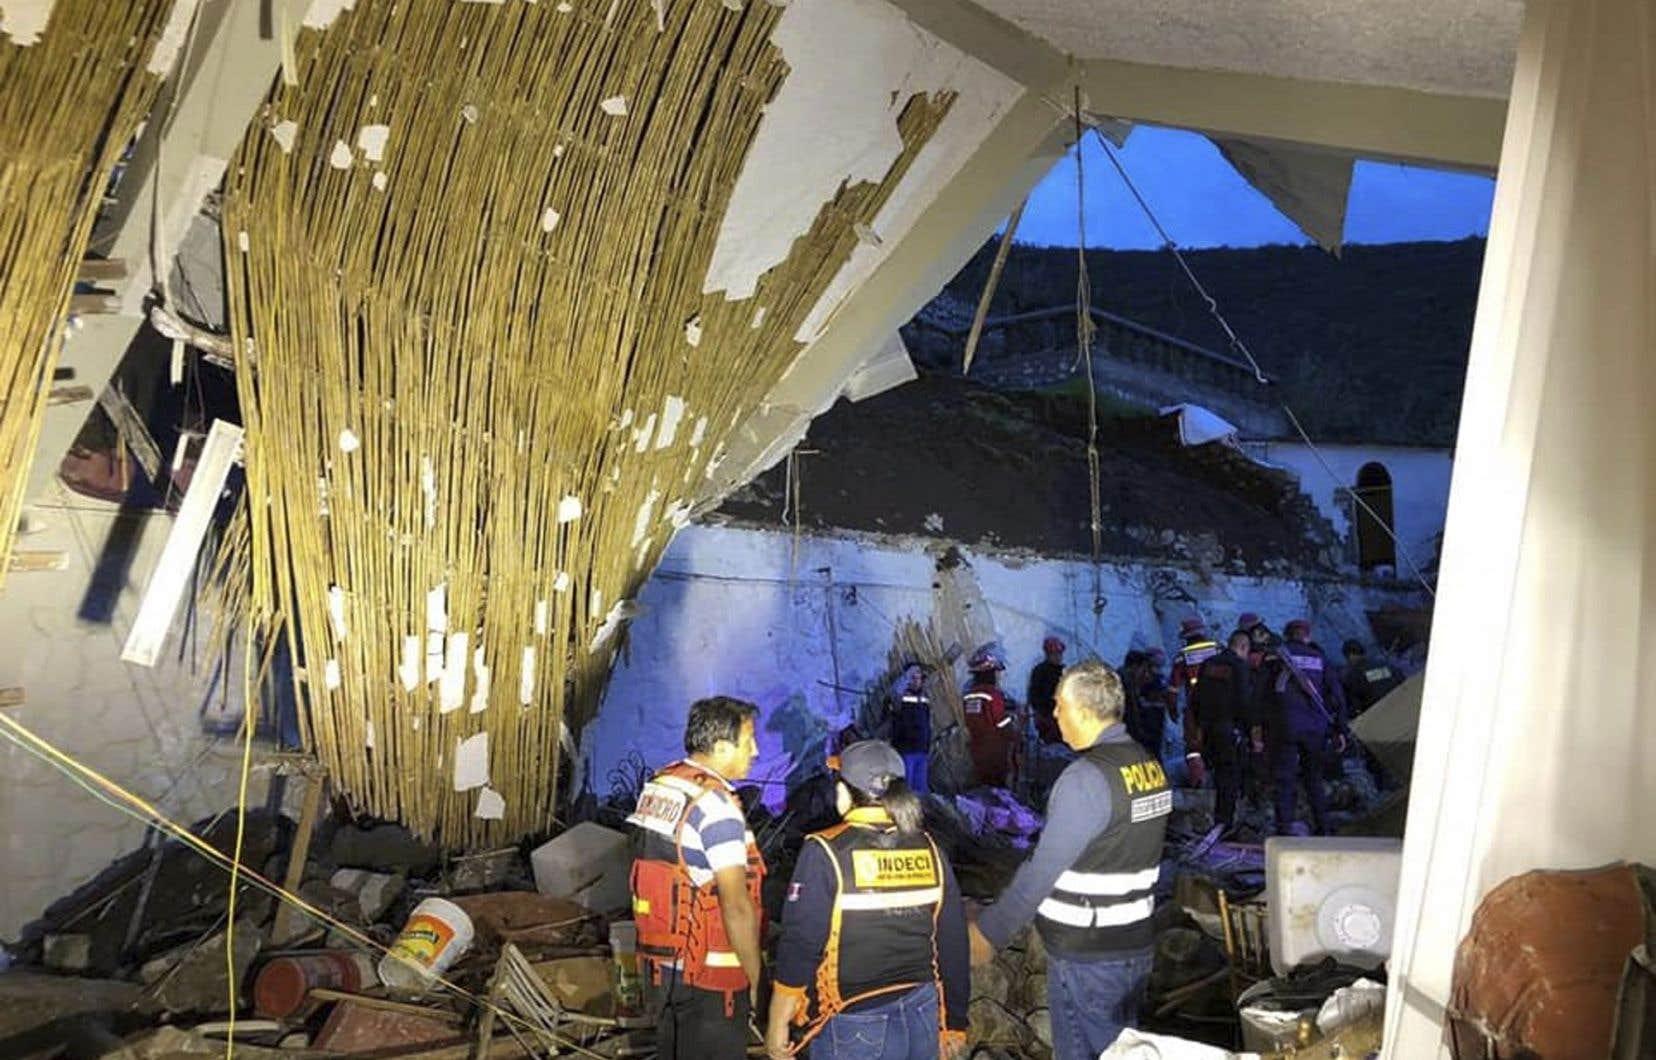 Des équipes de pompiers et de policiers, appuyées par des habitants, travaillent depuis samedi pour porter secours à des personnes encore bloquées sous les décombres.